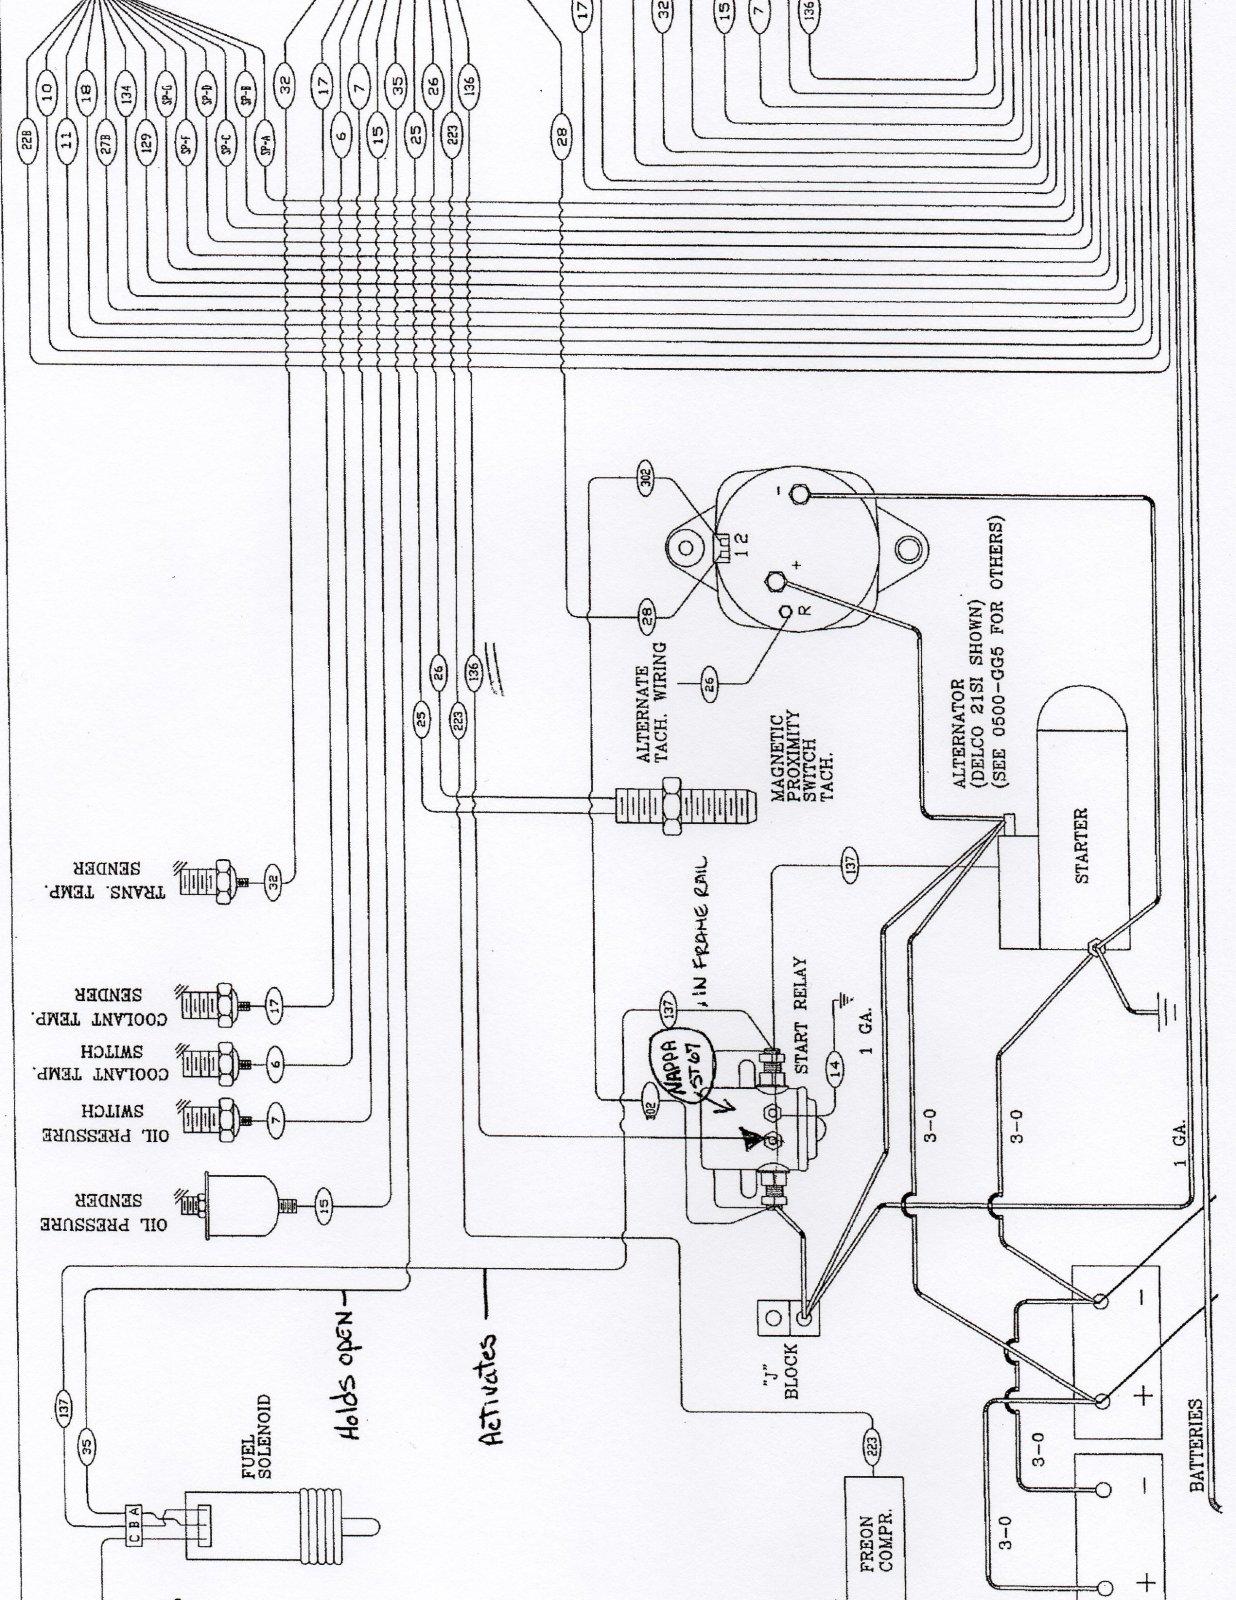 vactor wiring diagrams jeep patriot wiring cm b wiring ... chrysler wiring diagrams free wiring diagrams weebly com #5